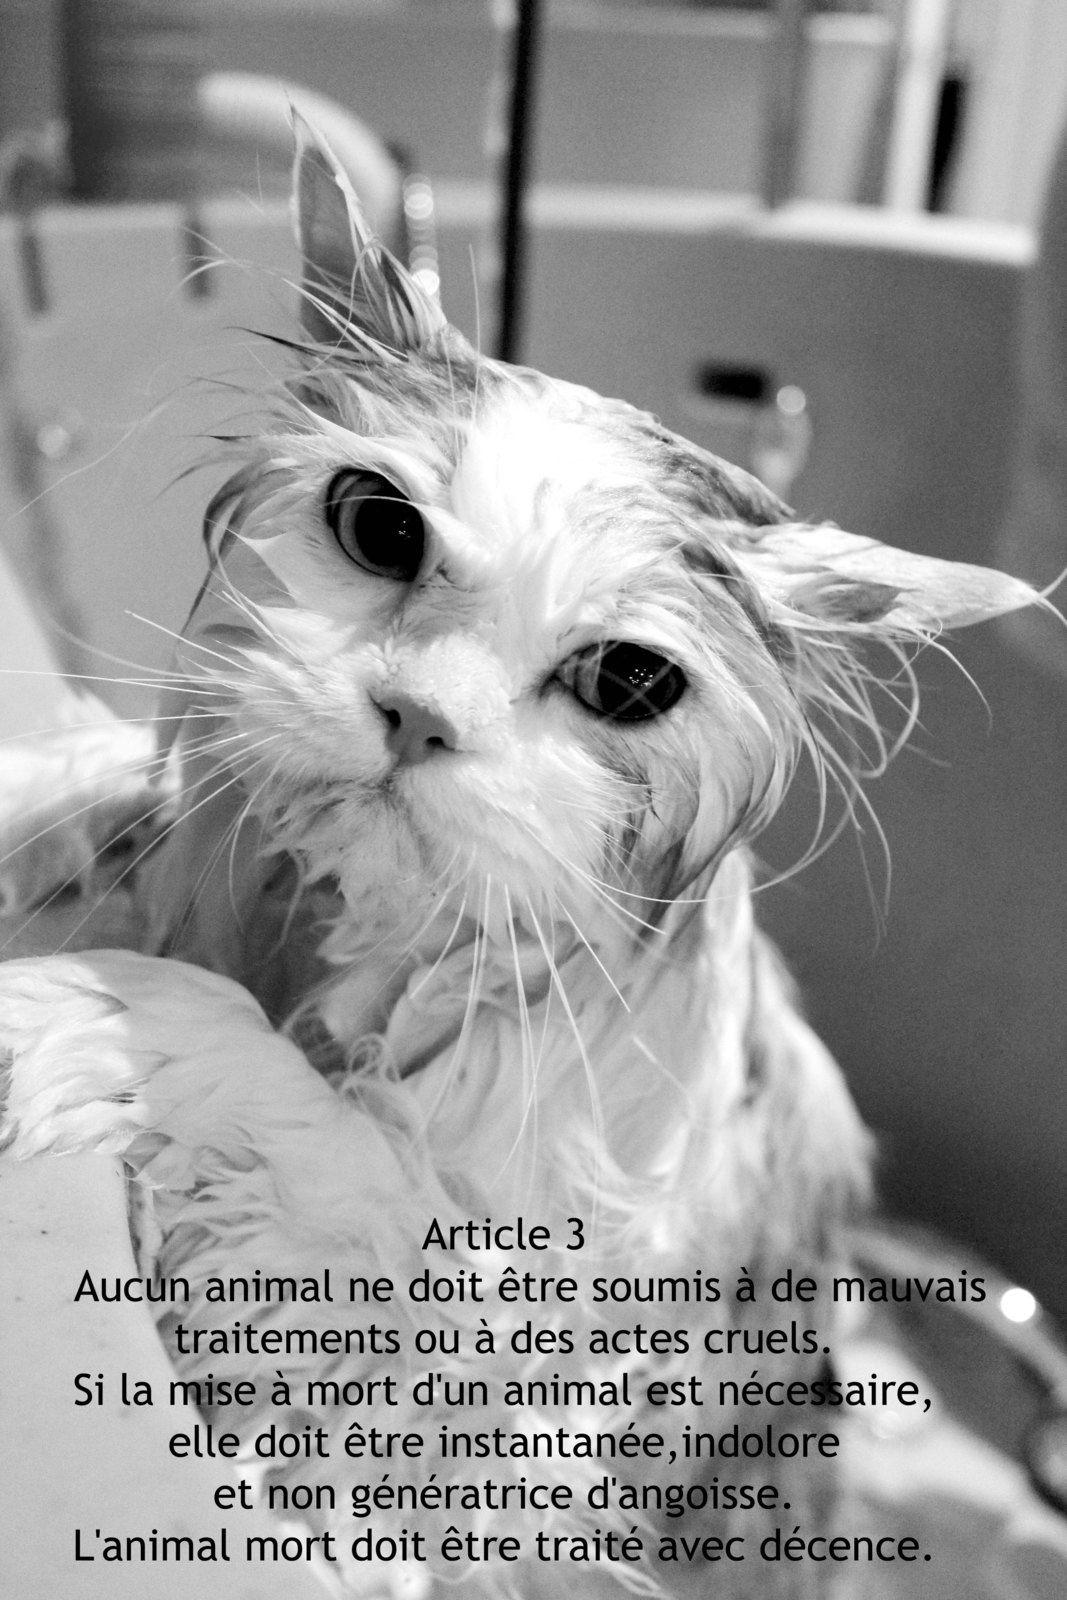 Le droit des animaux illustré